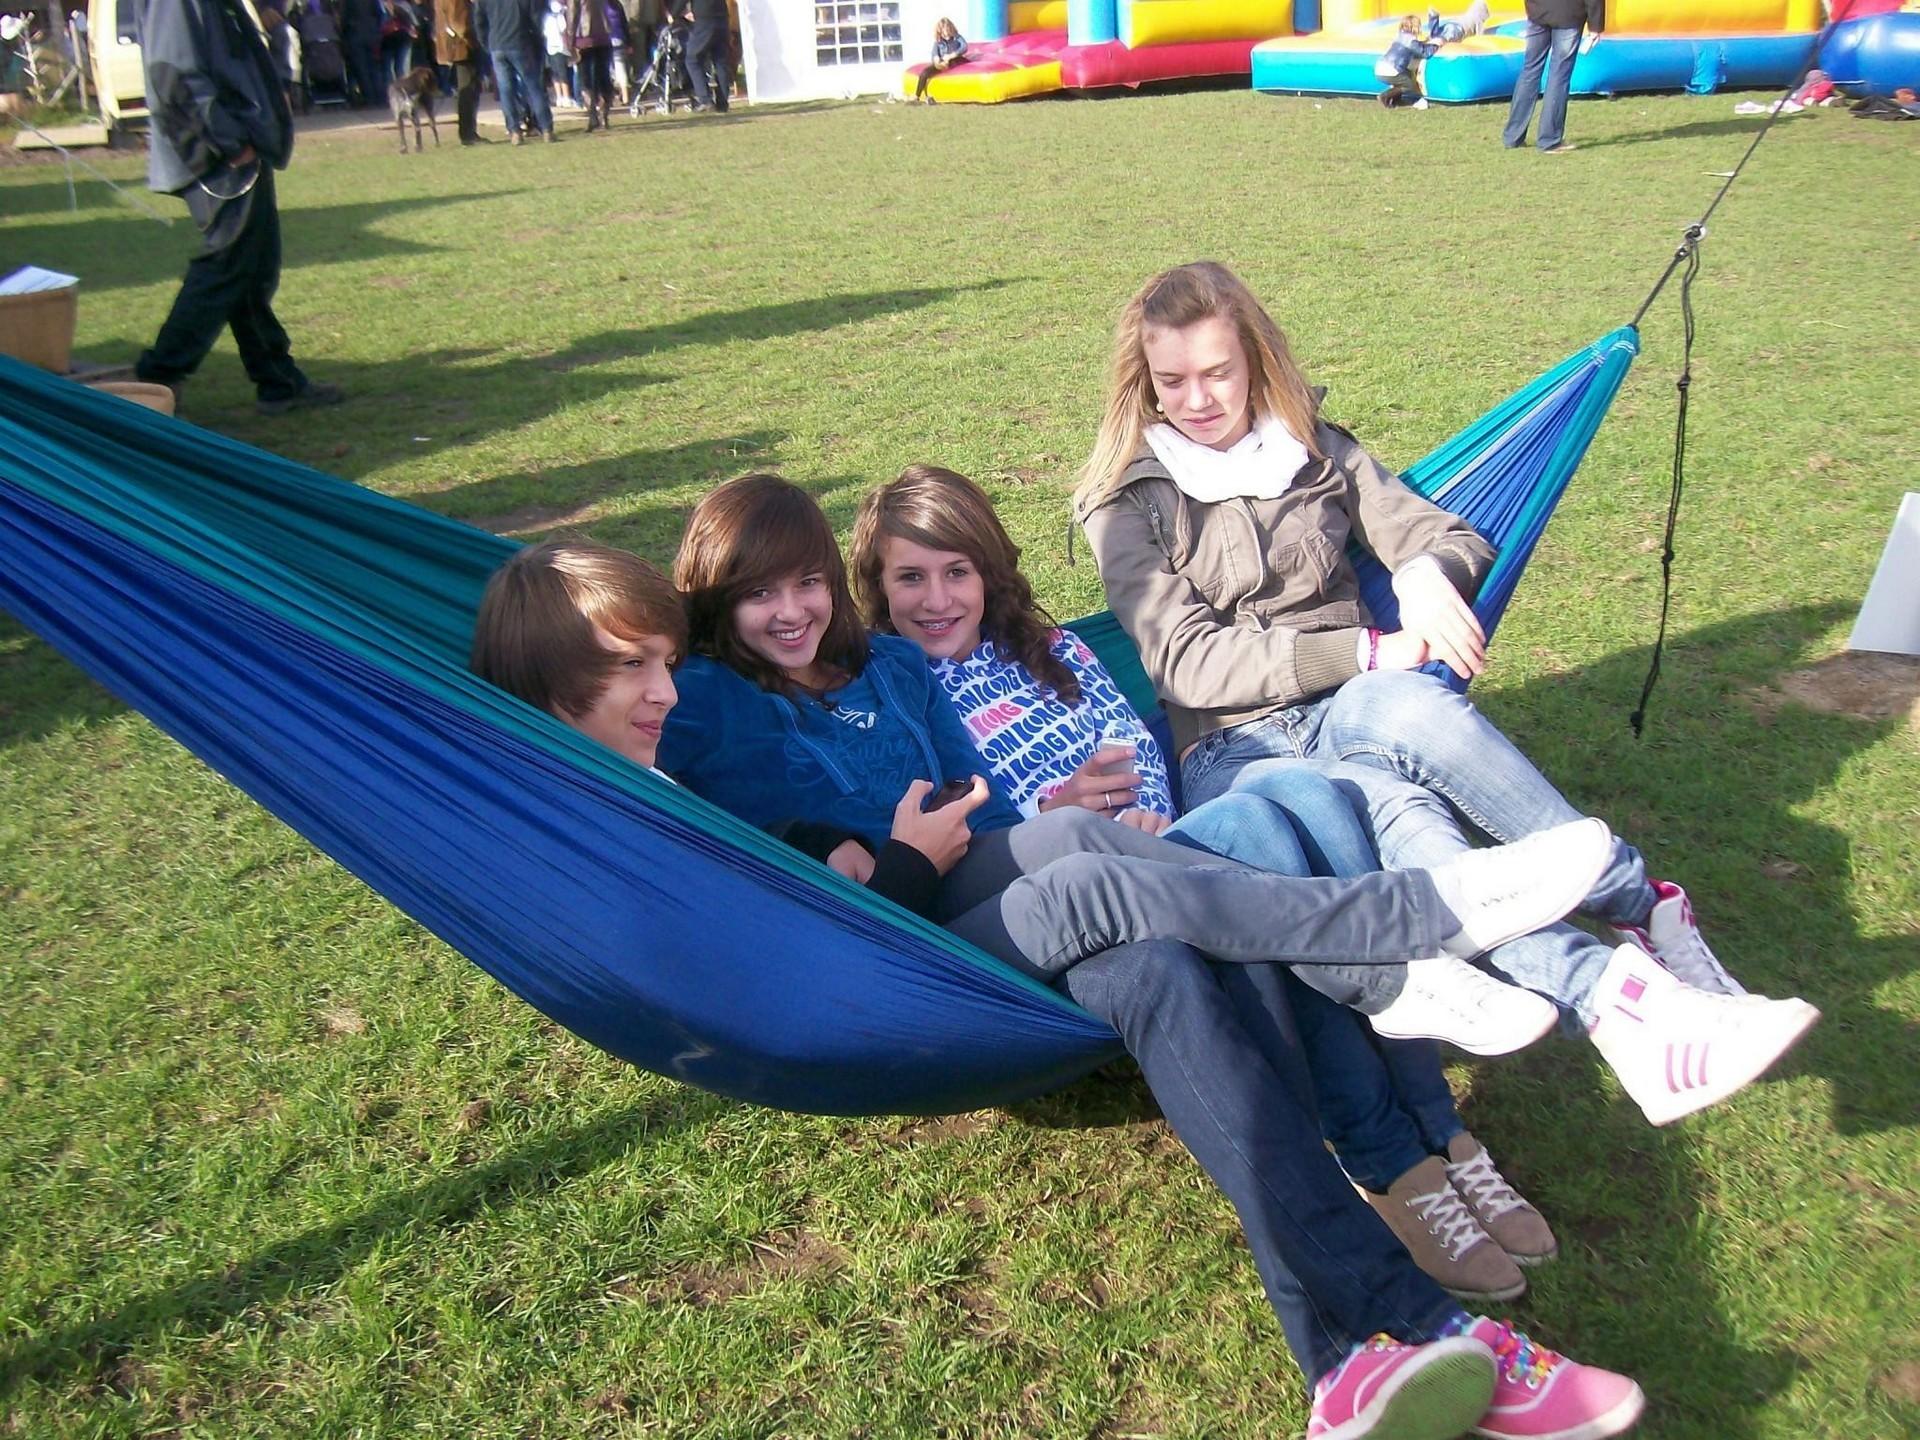 Четыре девчонки в гамаке на лужайке.